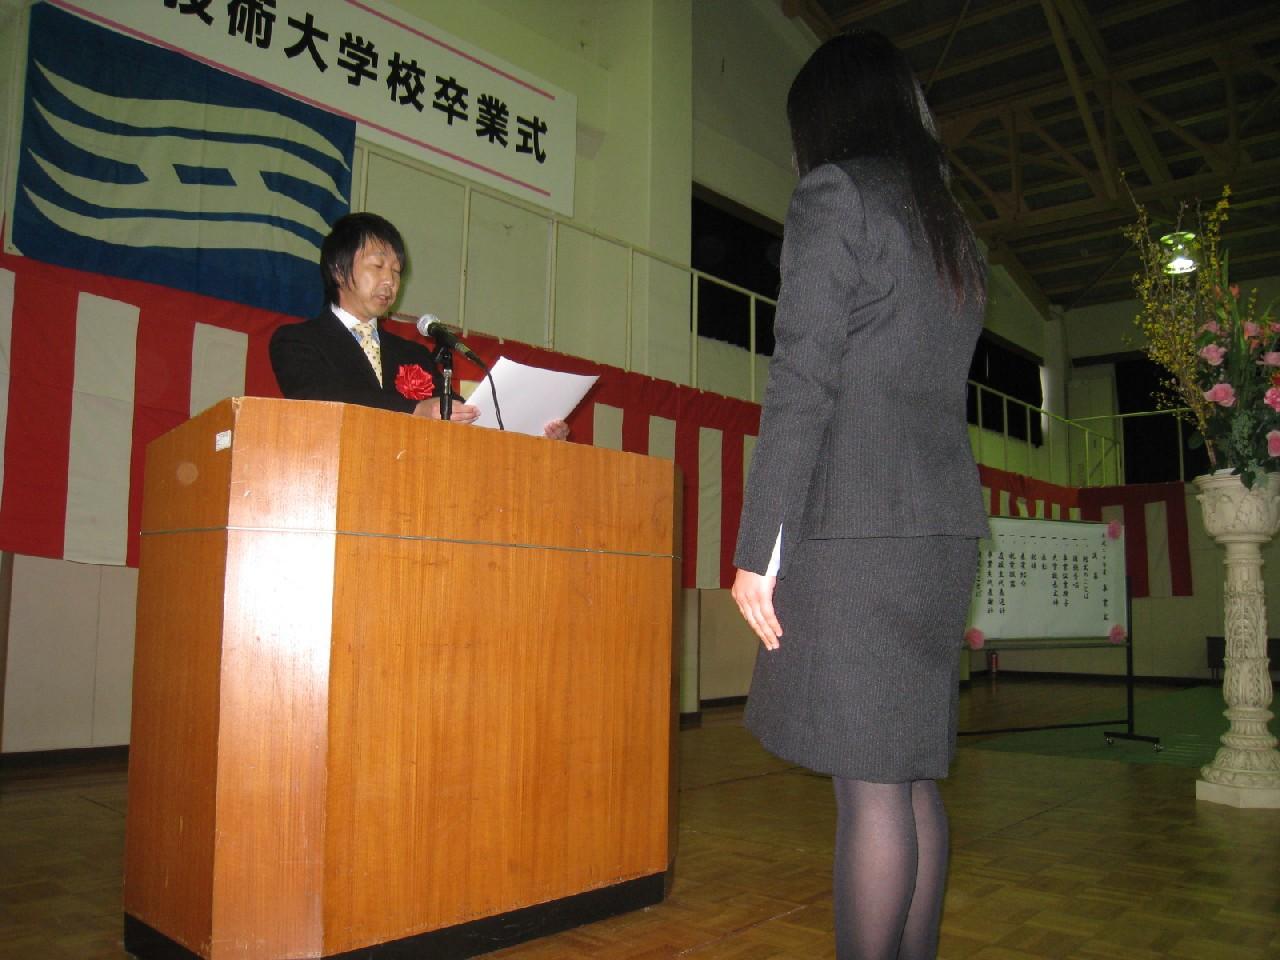 平成20年度 兵庫県立但馬技術大学校 卒業式_d0004858_145239.jpg